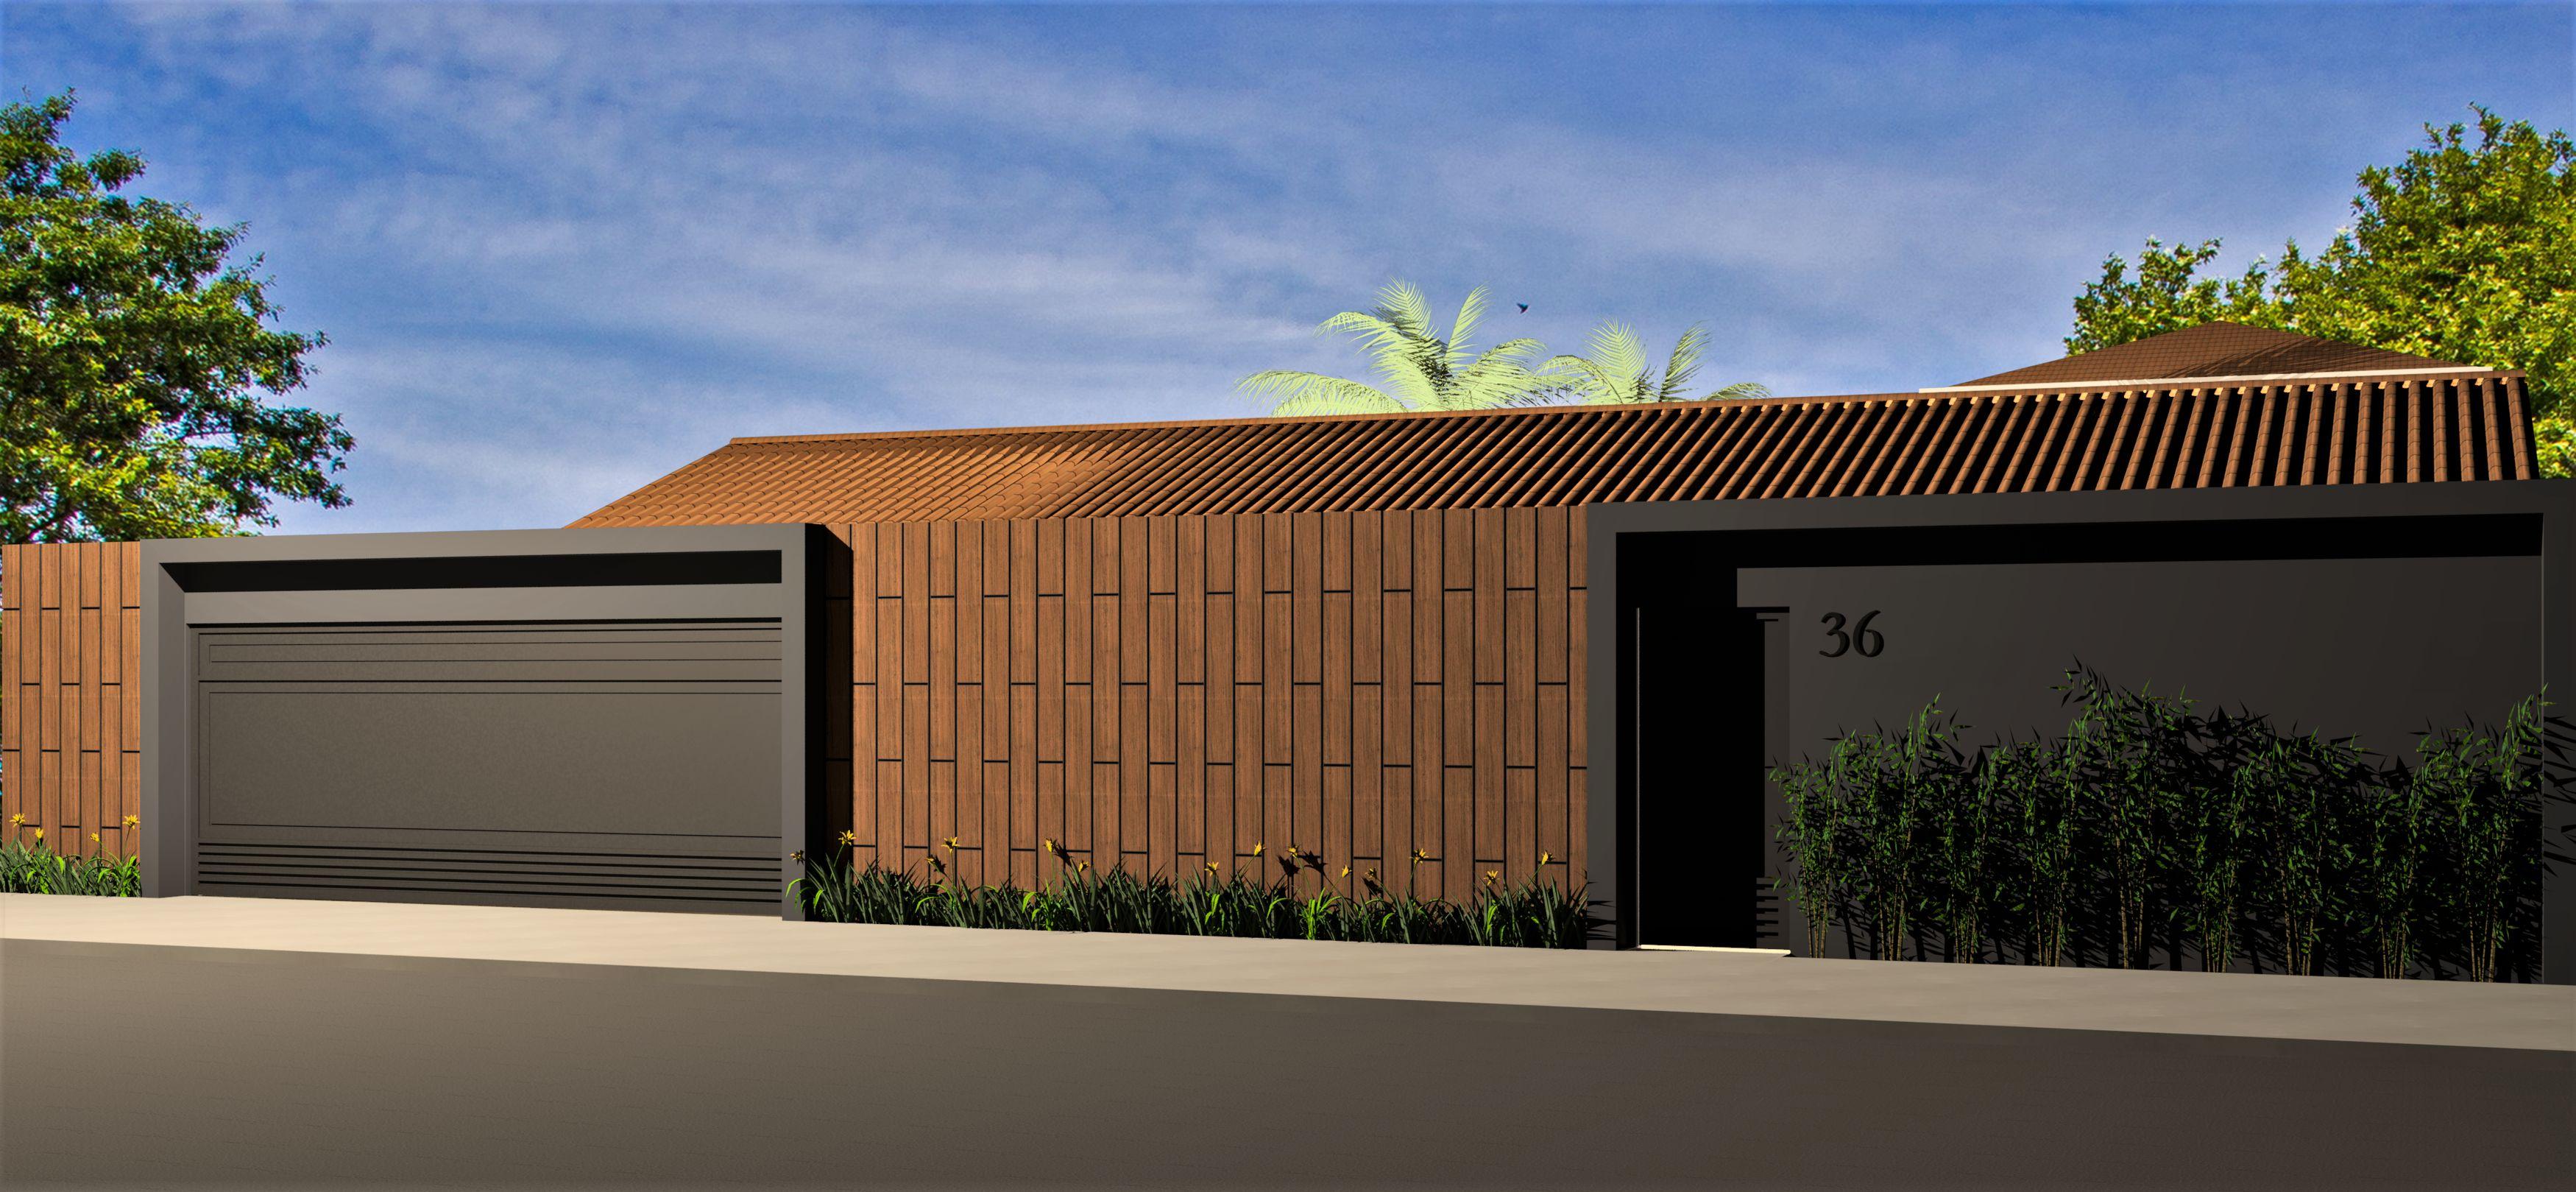 Cs-fachada-1-3500-3500